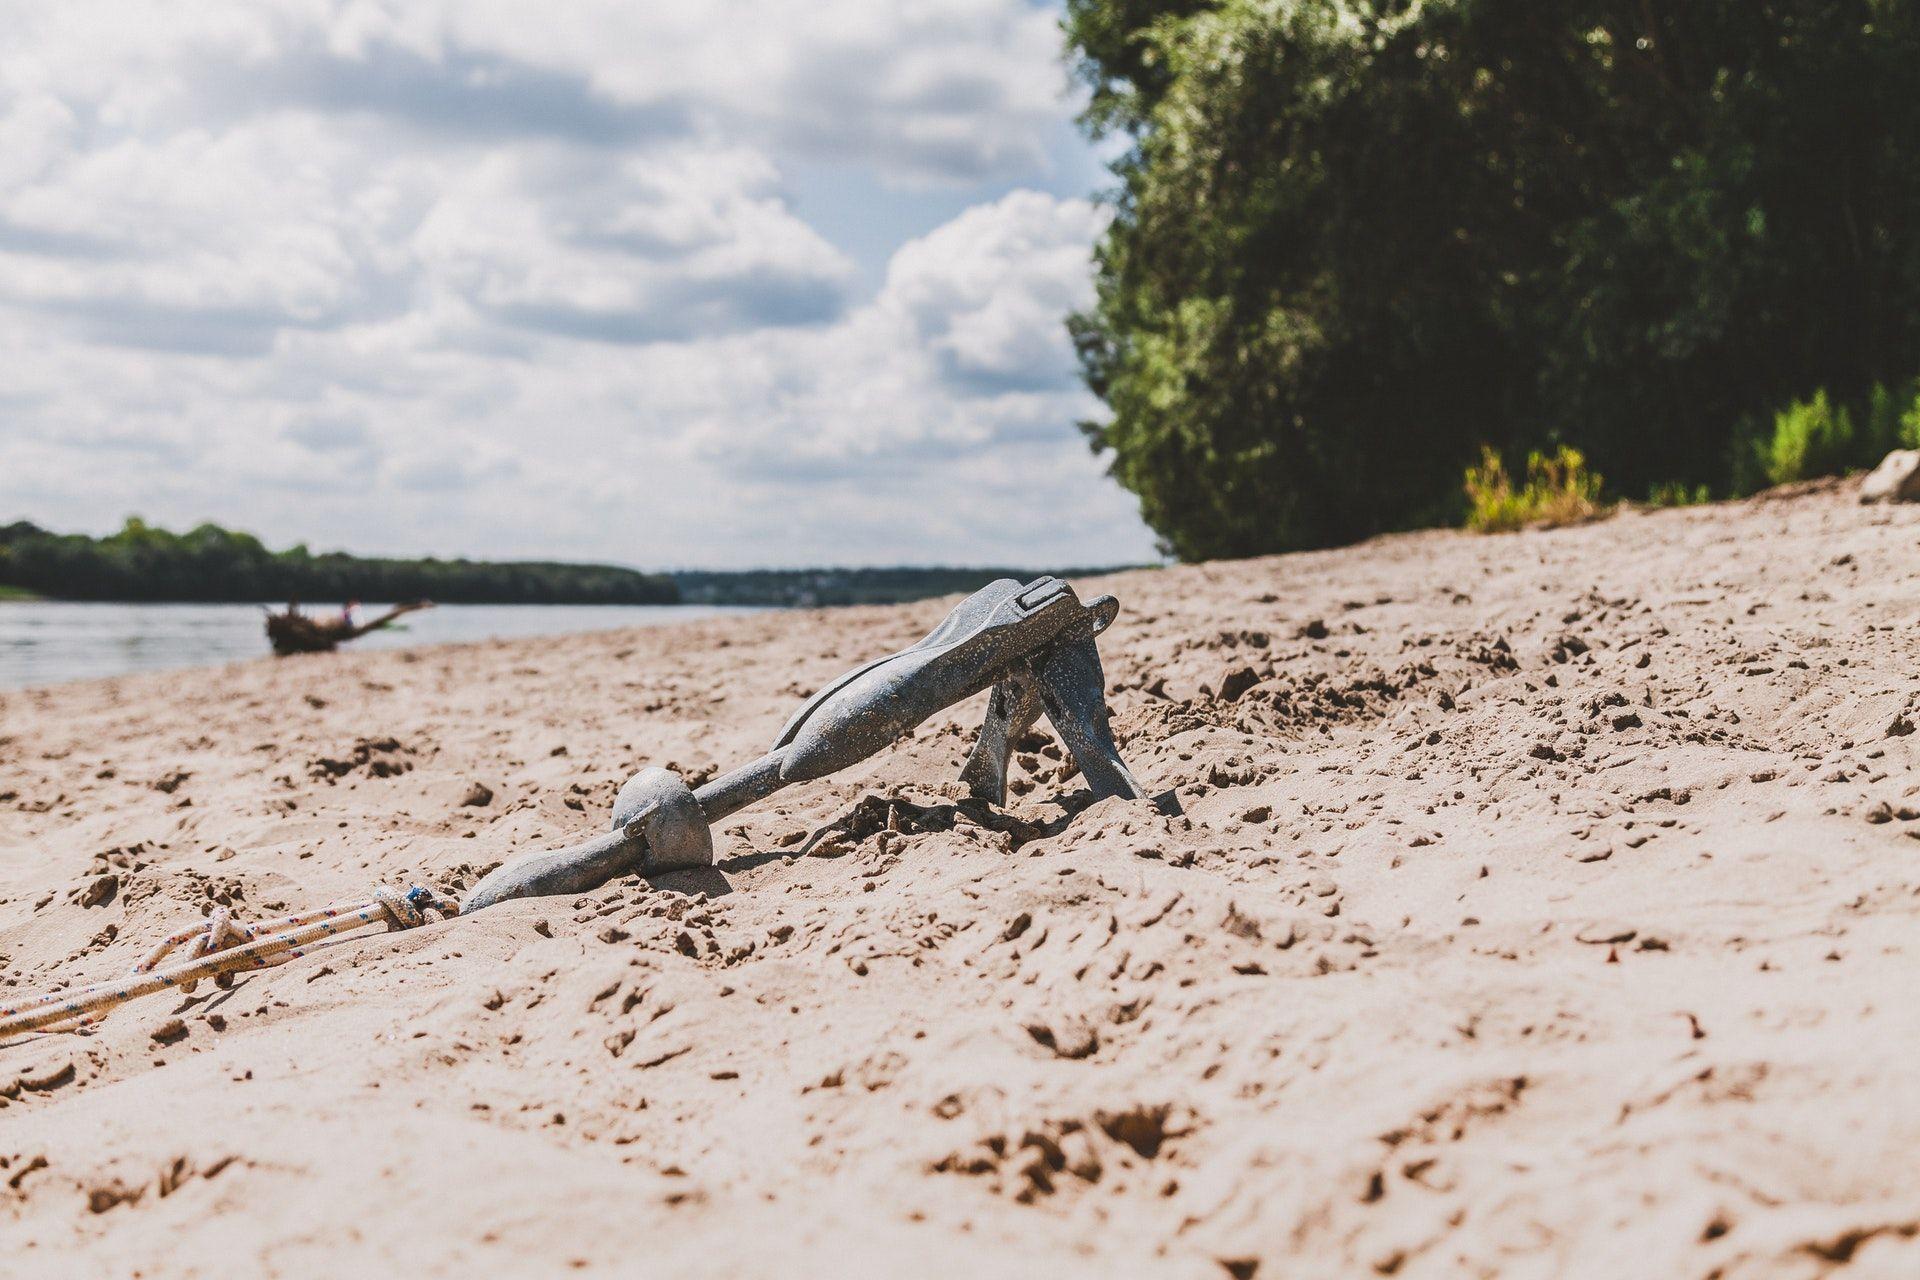 عکس زمینه لنگر در ساحل دریا پس زمینه